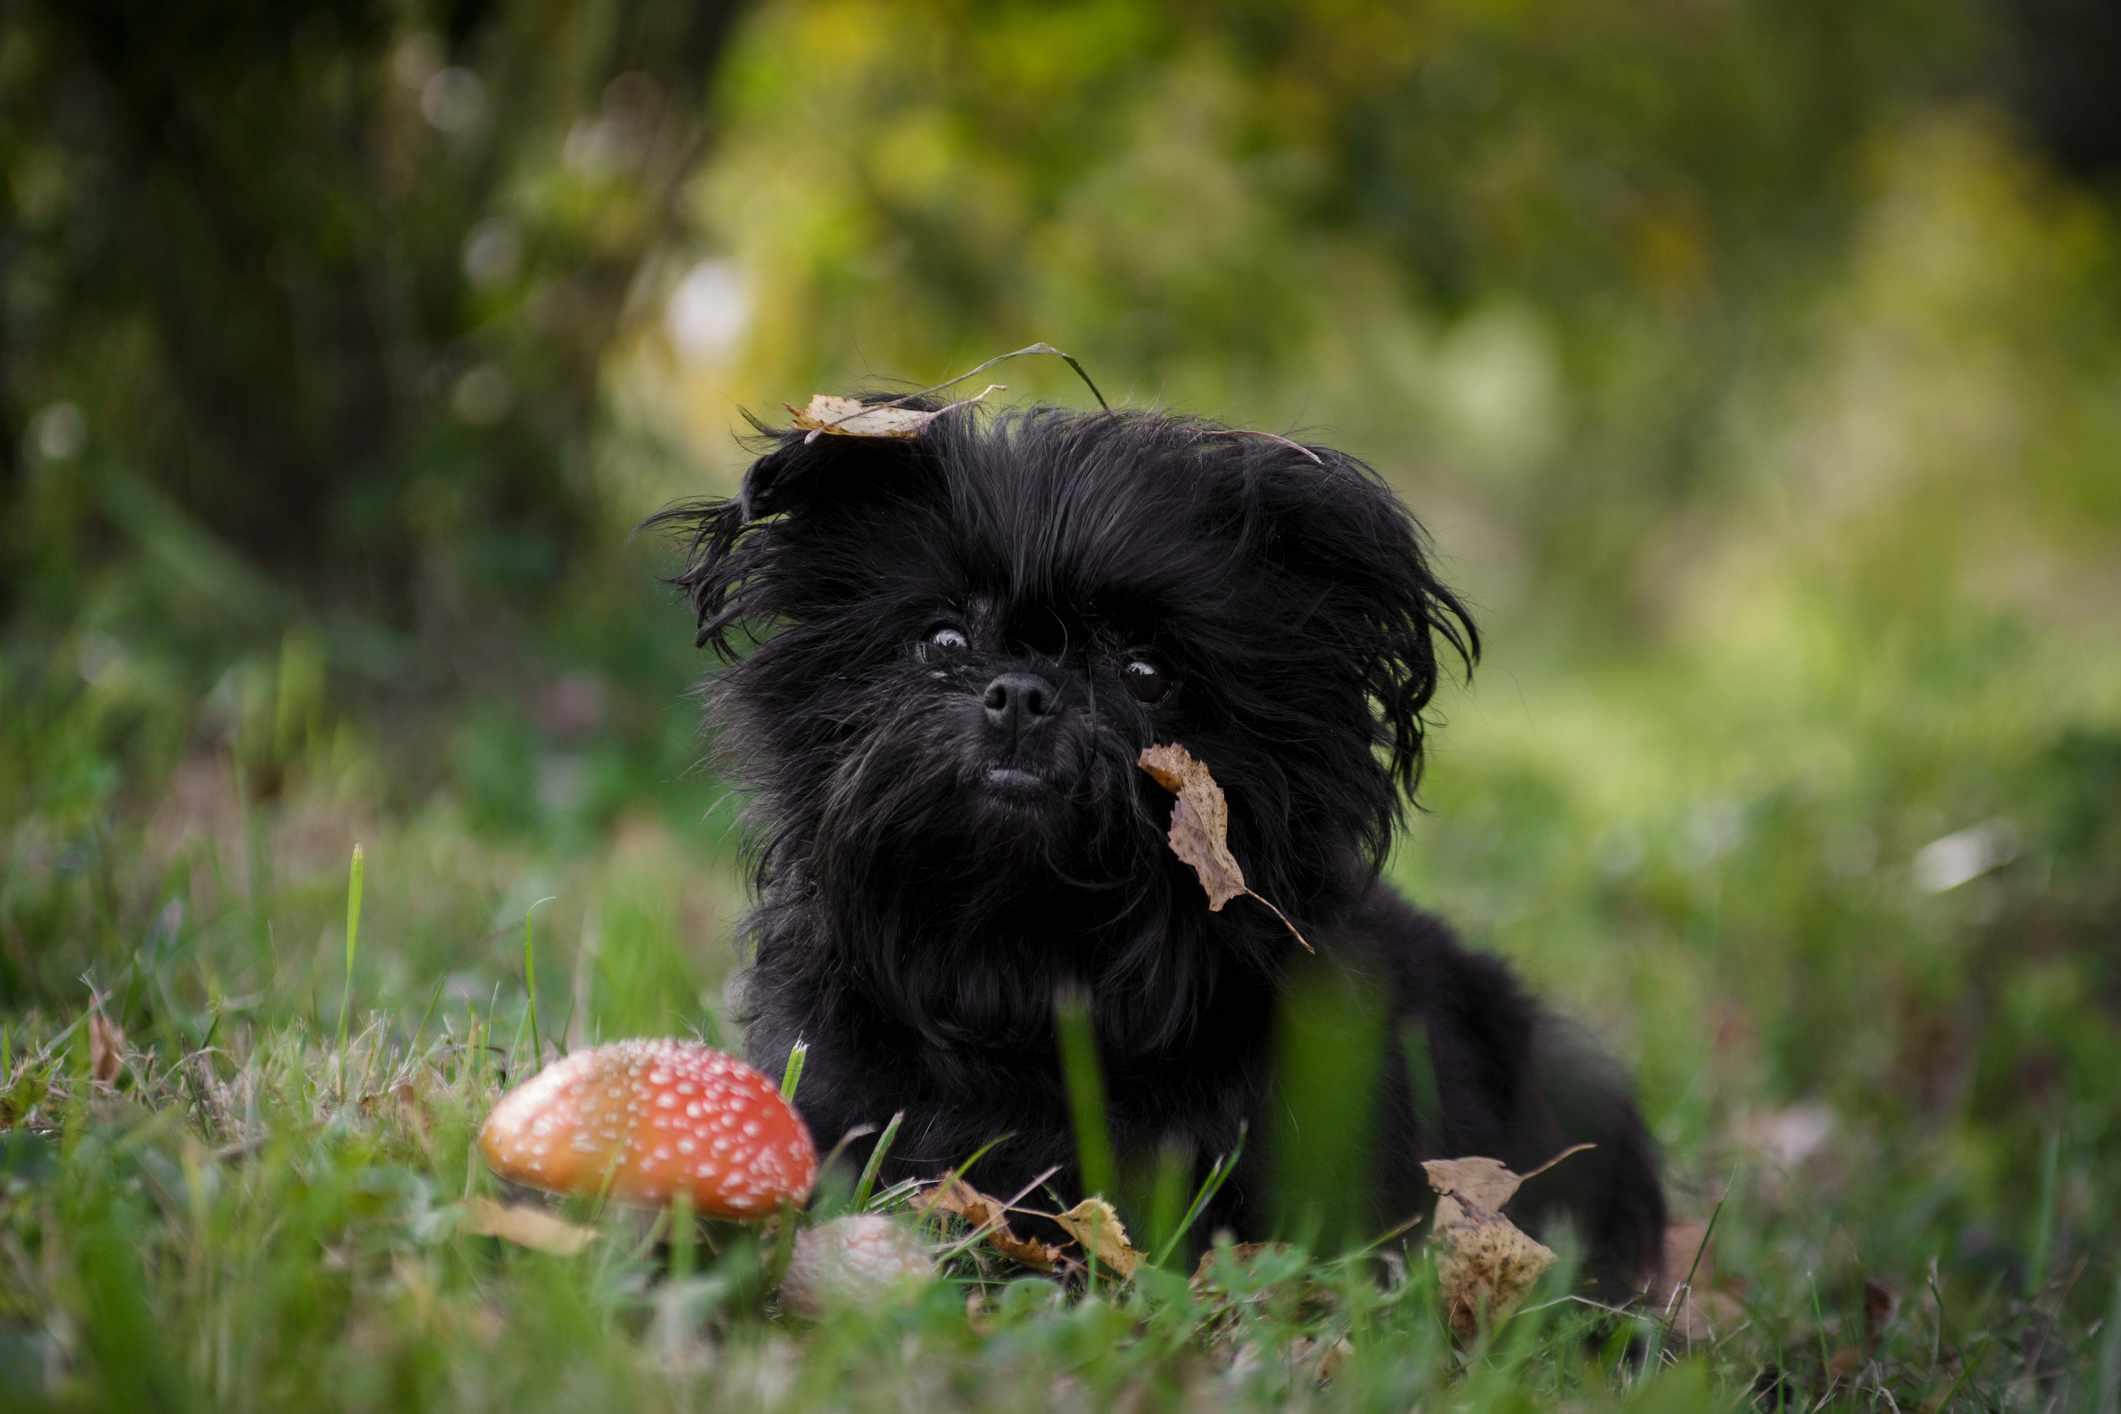 Black affenpinscher sitting in grass